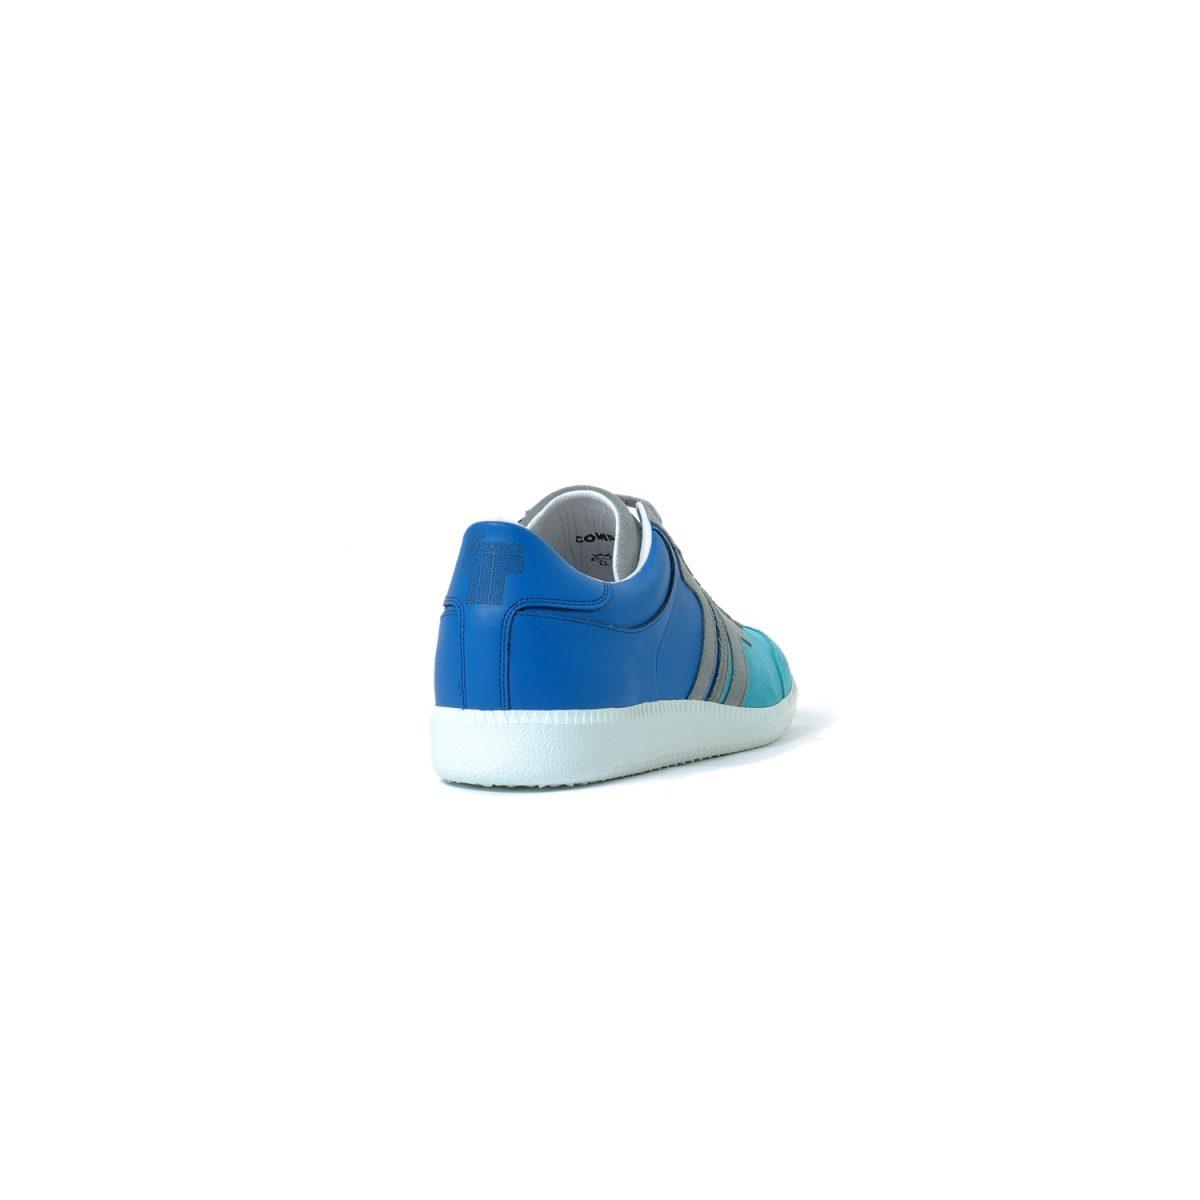 Tisza shoes - Compakt - Aqua-grey-royal